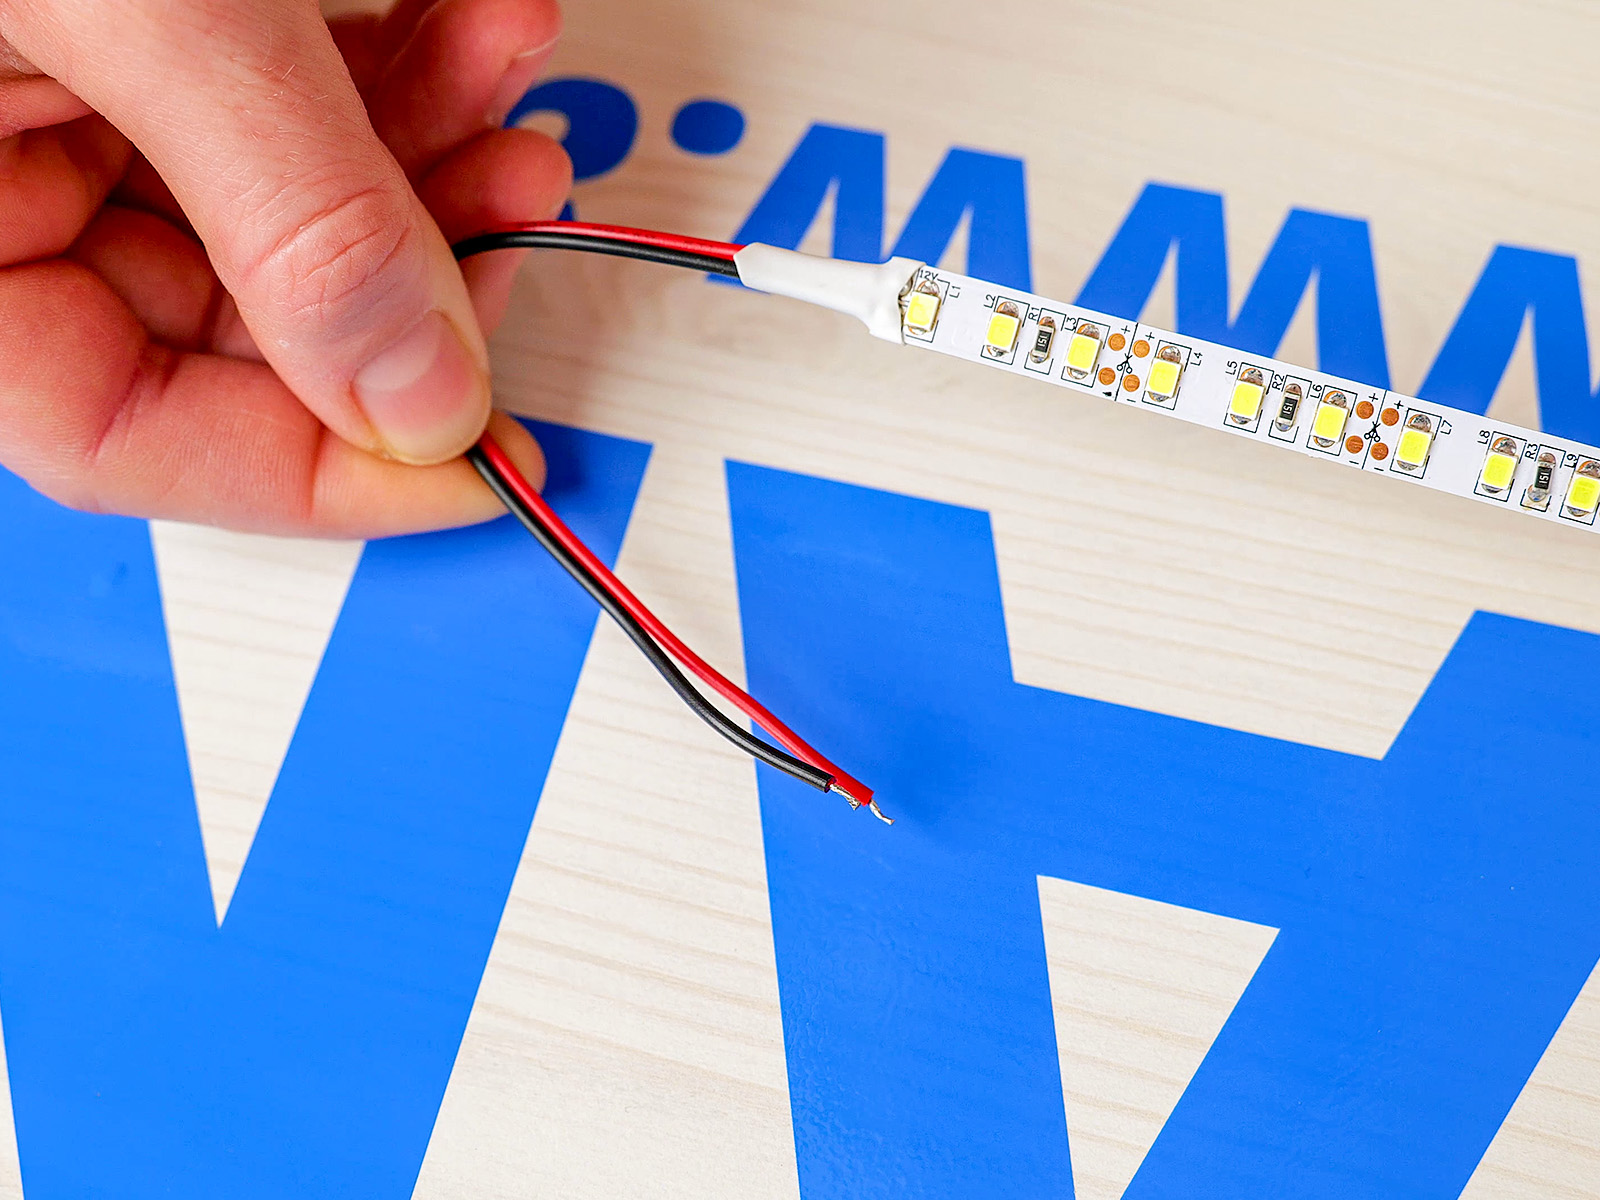 Monokróm LED szalagok két eres bekötővezetékkel.